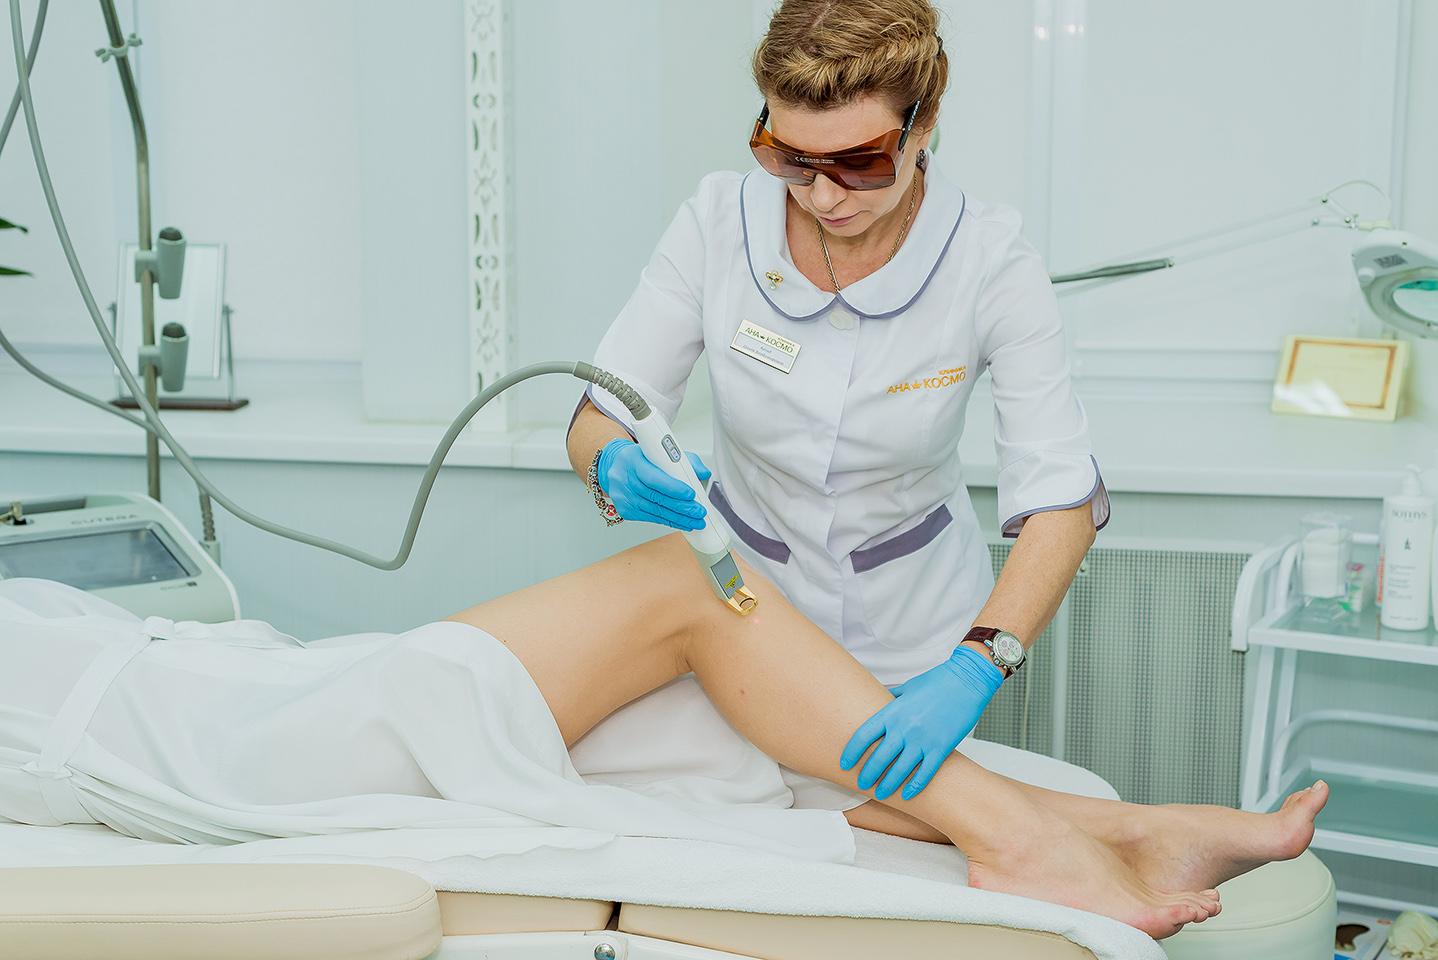 Процедура лазерной и фото-эпиляции в клинике АНА-КОСМОАппарат CUTERA - самый безопасный и результативный аппарат удаления волос на лице и теле